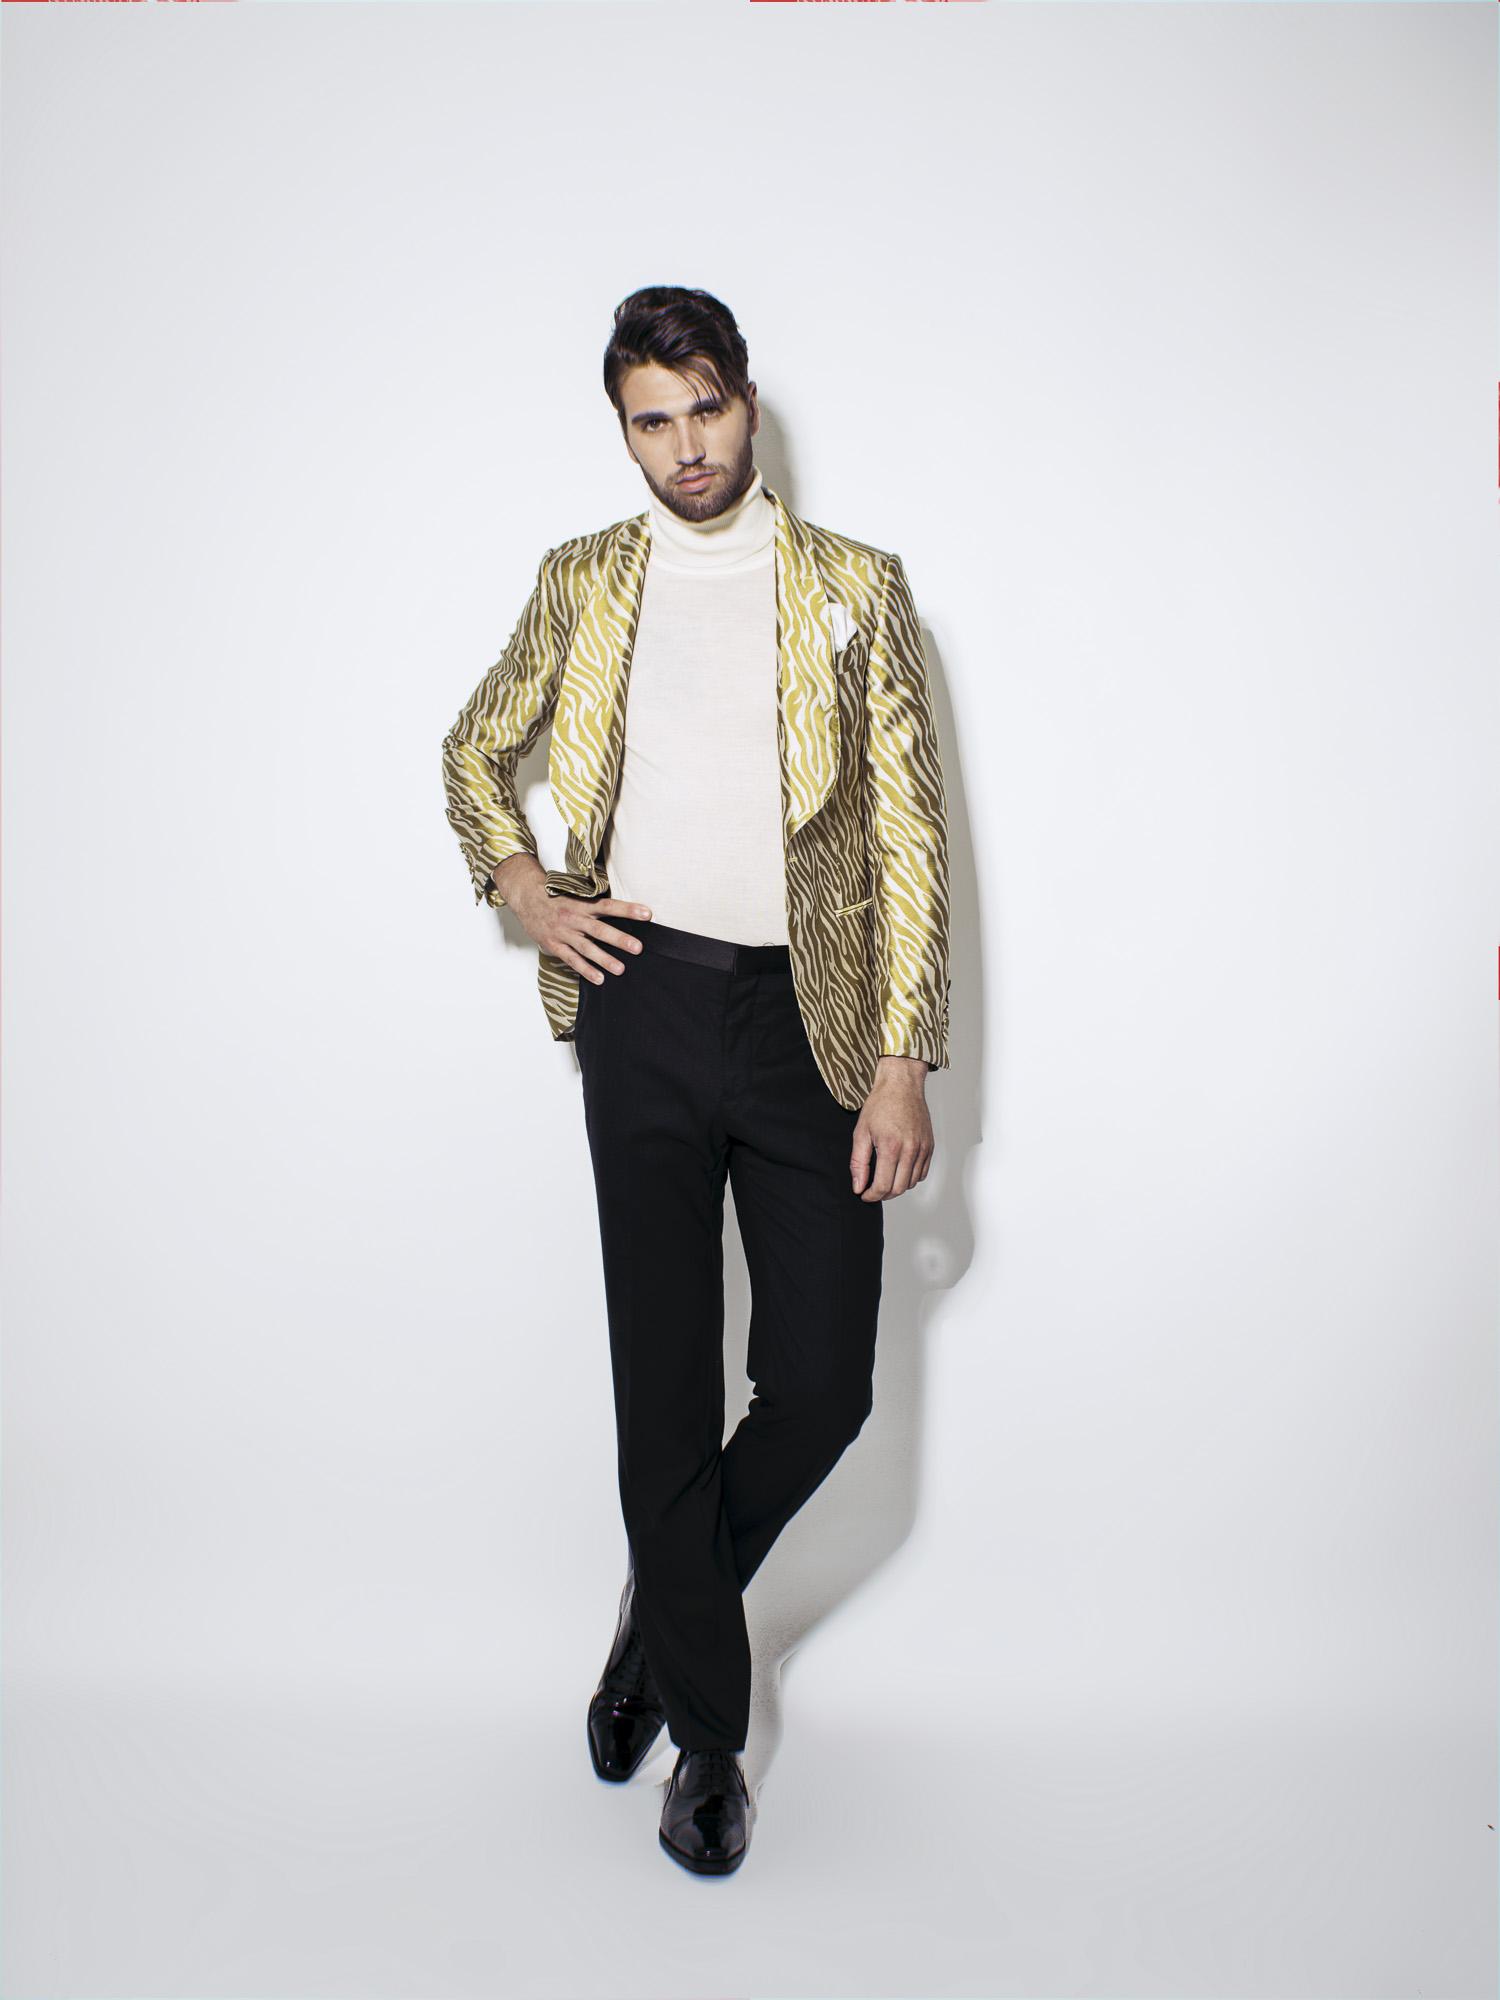 Fashion photography studio singapore services asia photographer photoshoot model jacket deboneire jose jeuland 7